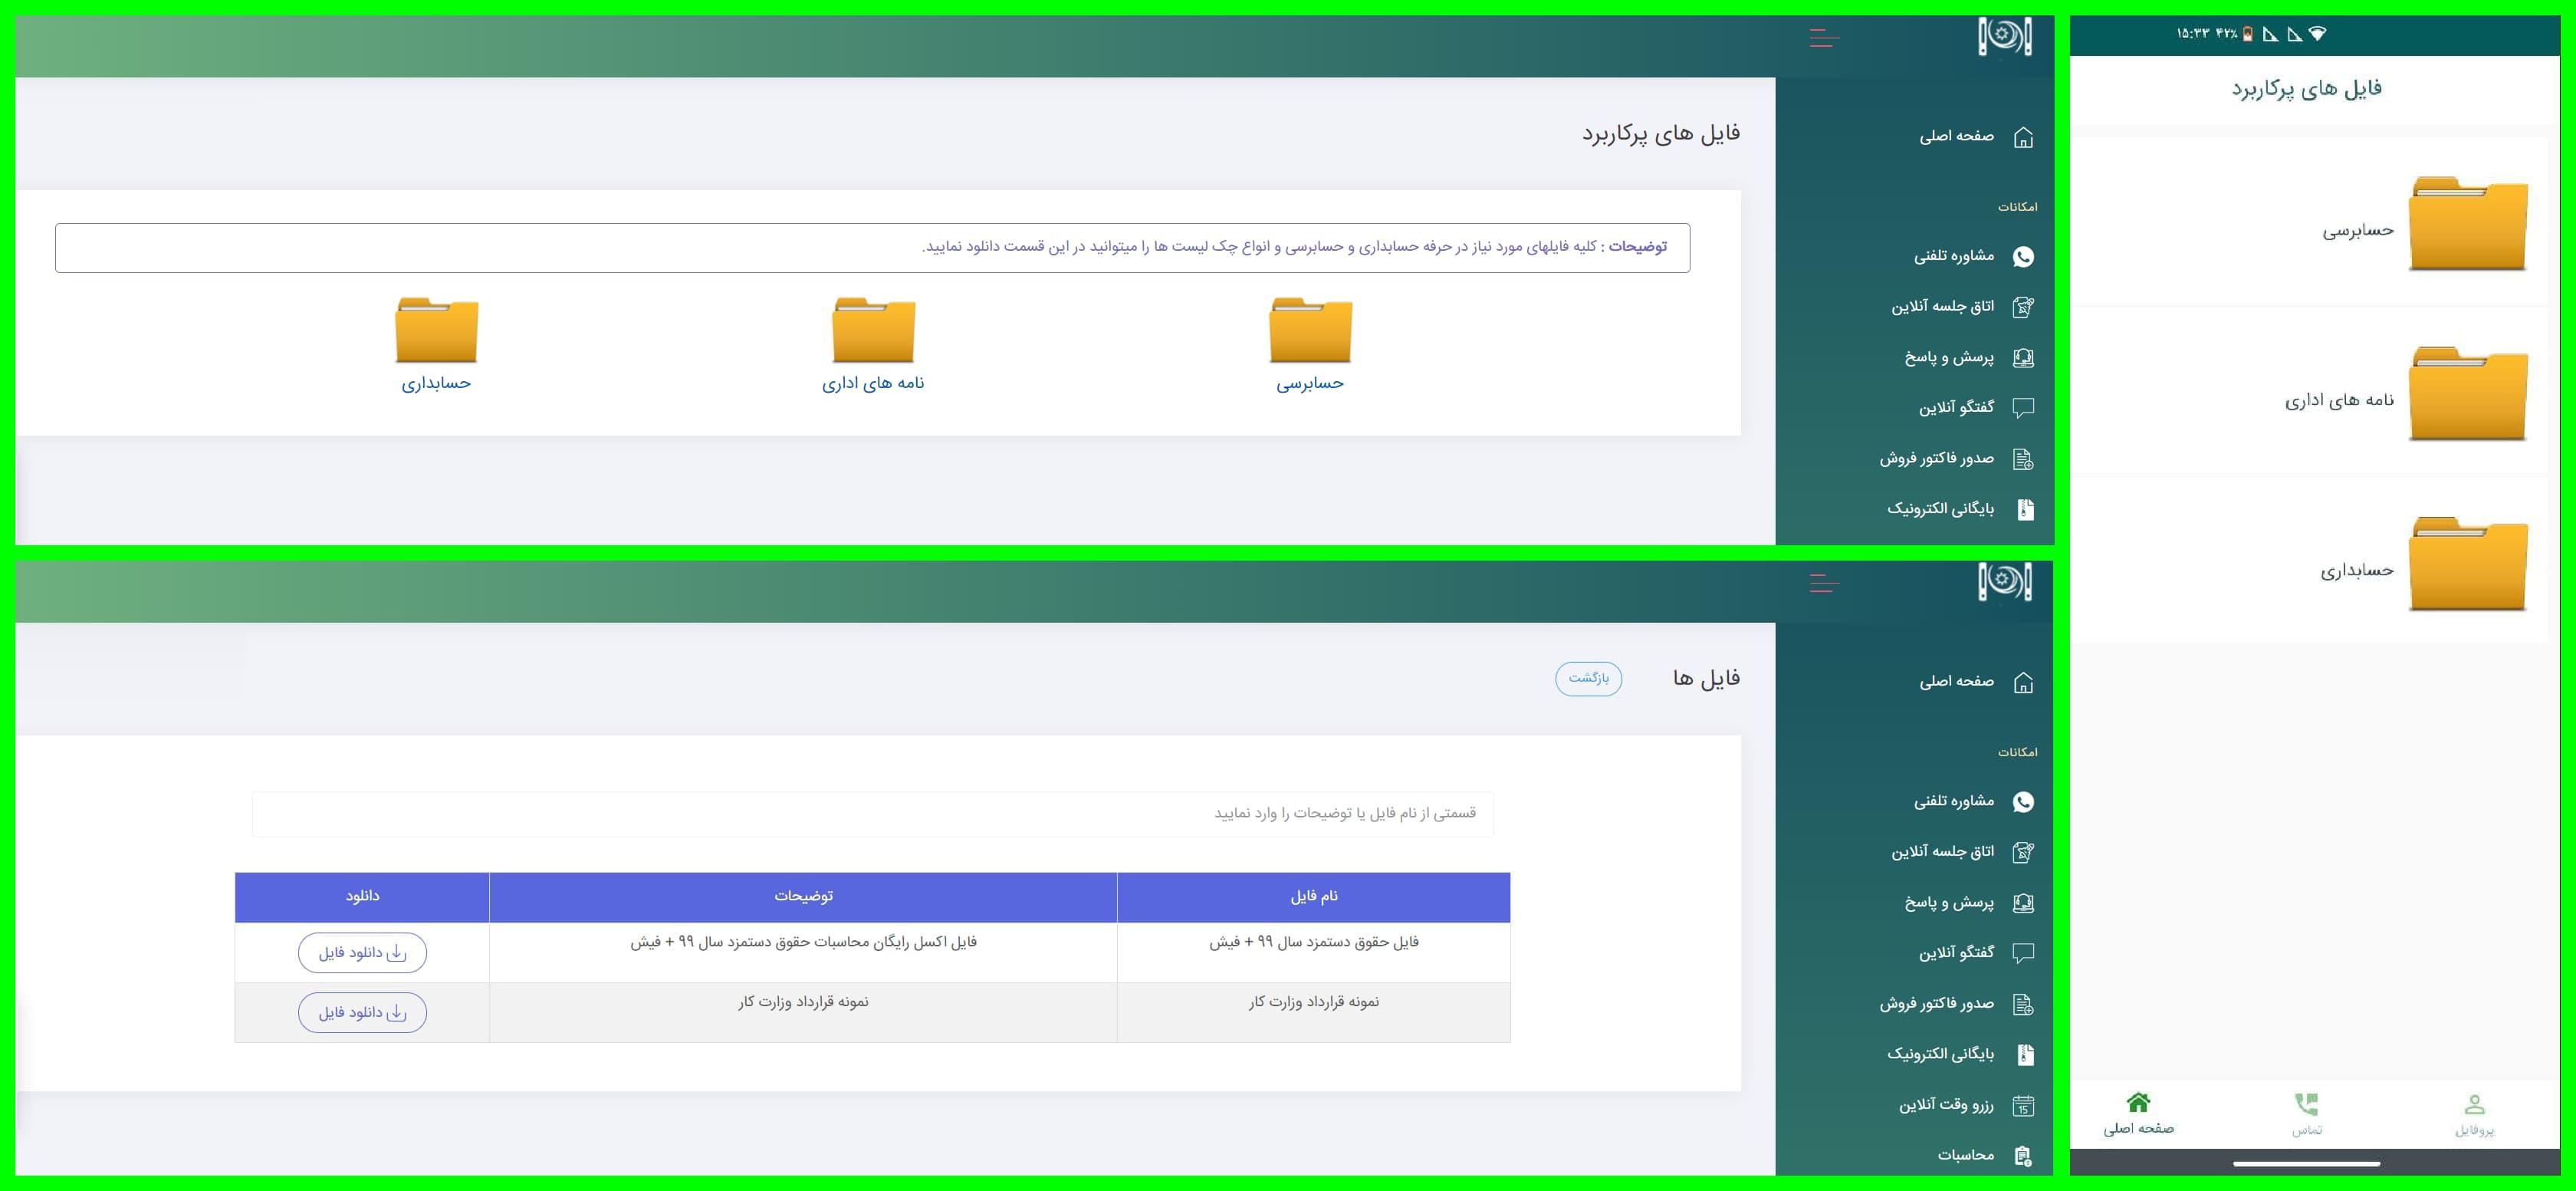 فایلهای پر کاربرد حسابداری